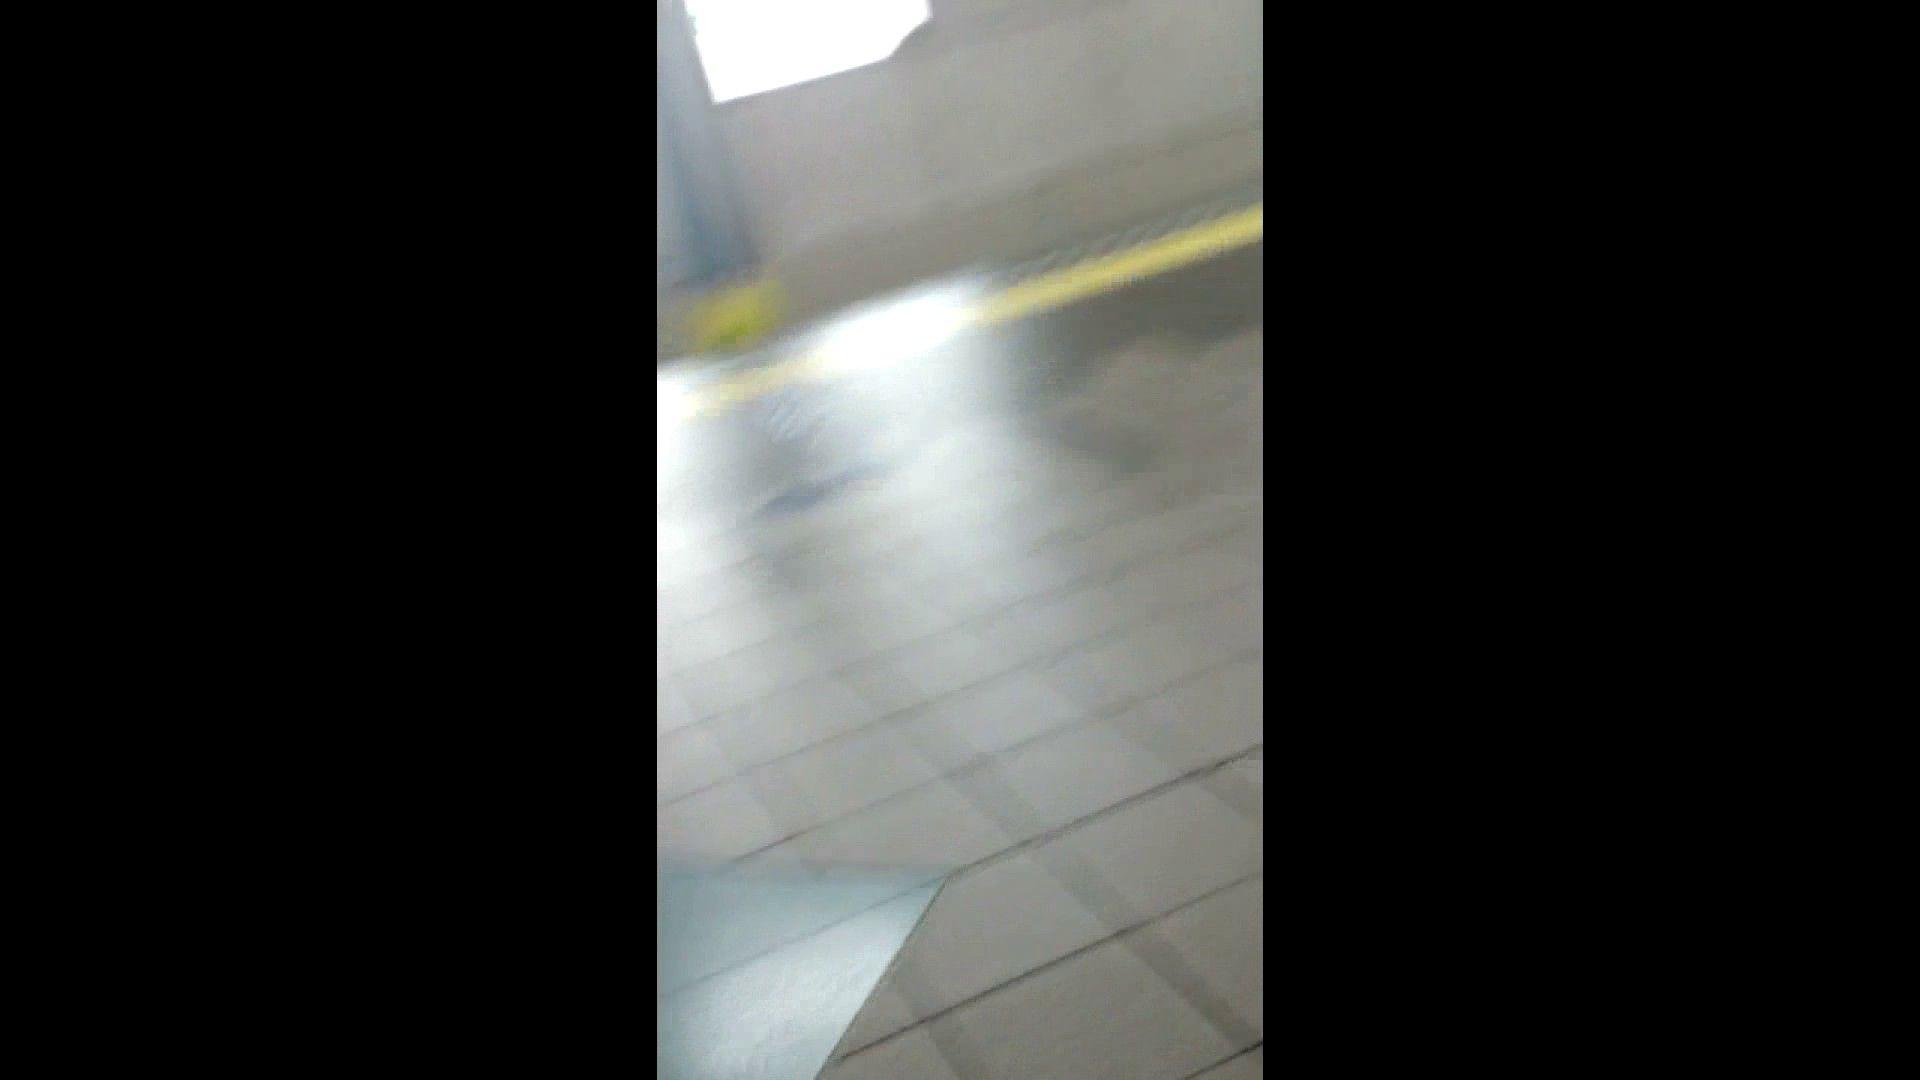 盗撮列車 vol.02 NINJAさんの粘着撮り エッチすぎるOL達 濡れ場動画紹介 34連発 11